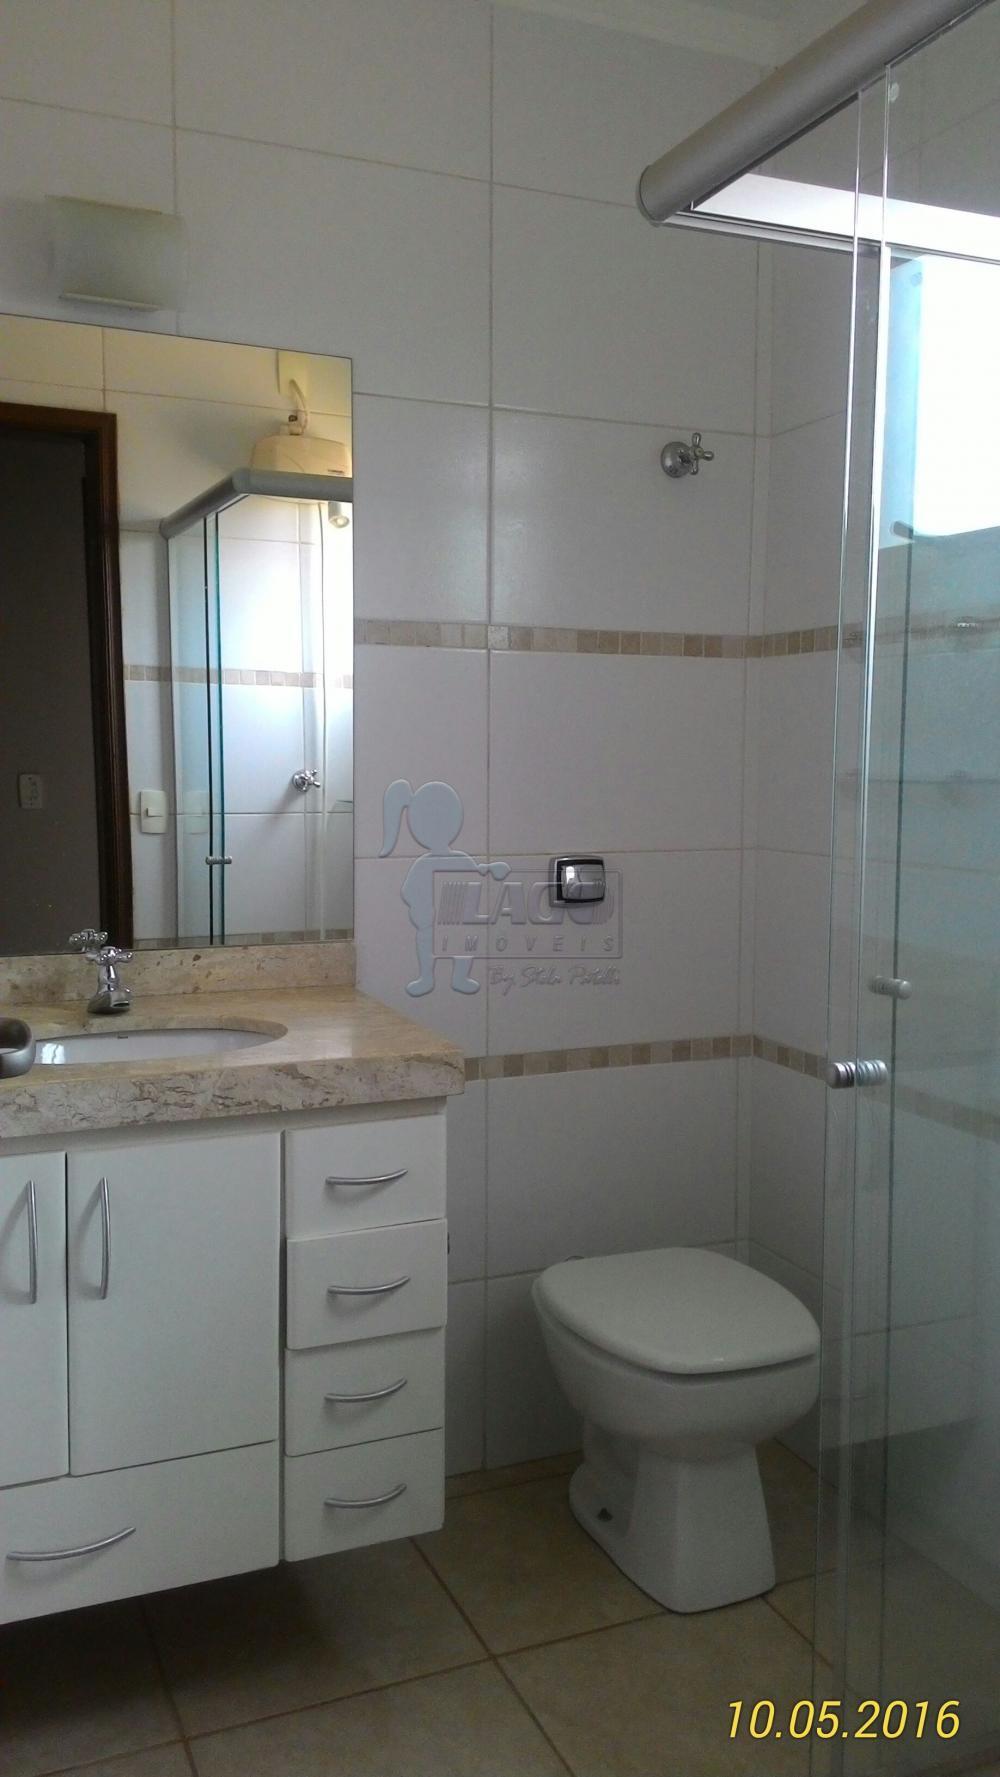 Alugar Casas / Condomínio em Bonfim Paulista apenas R$ 3.500,00 - Foto 25